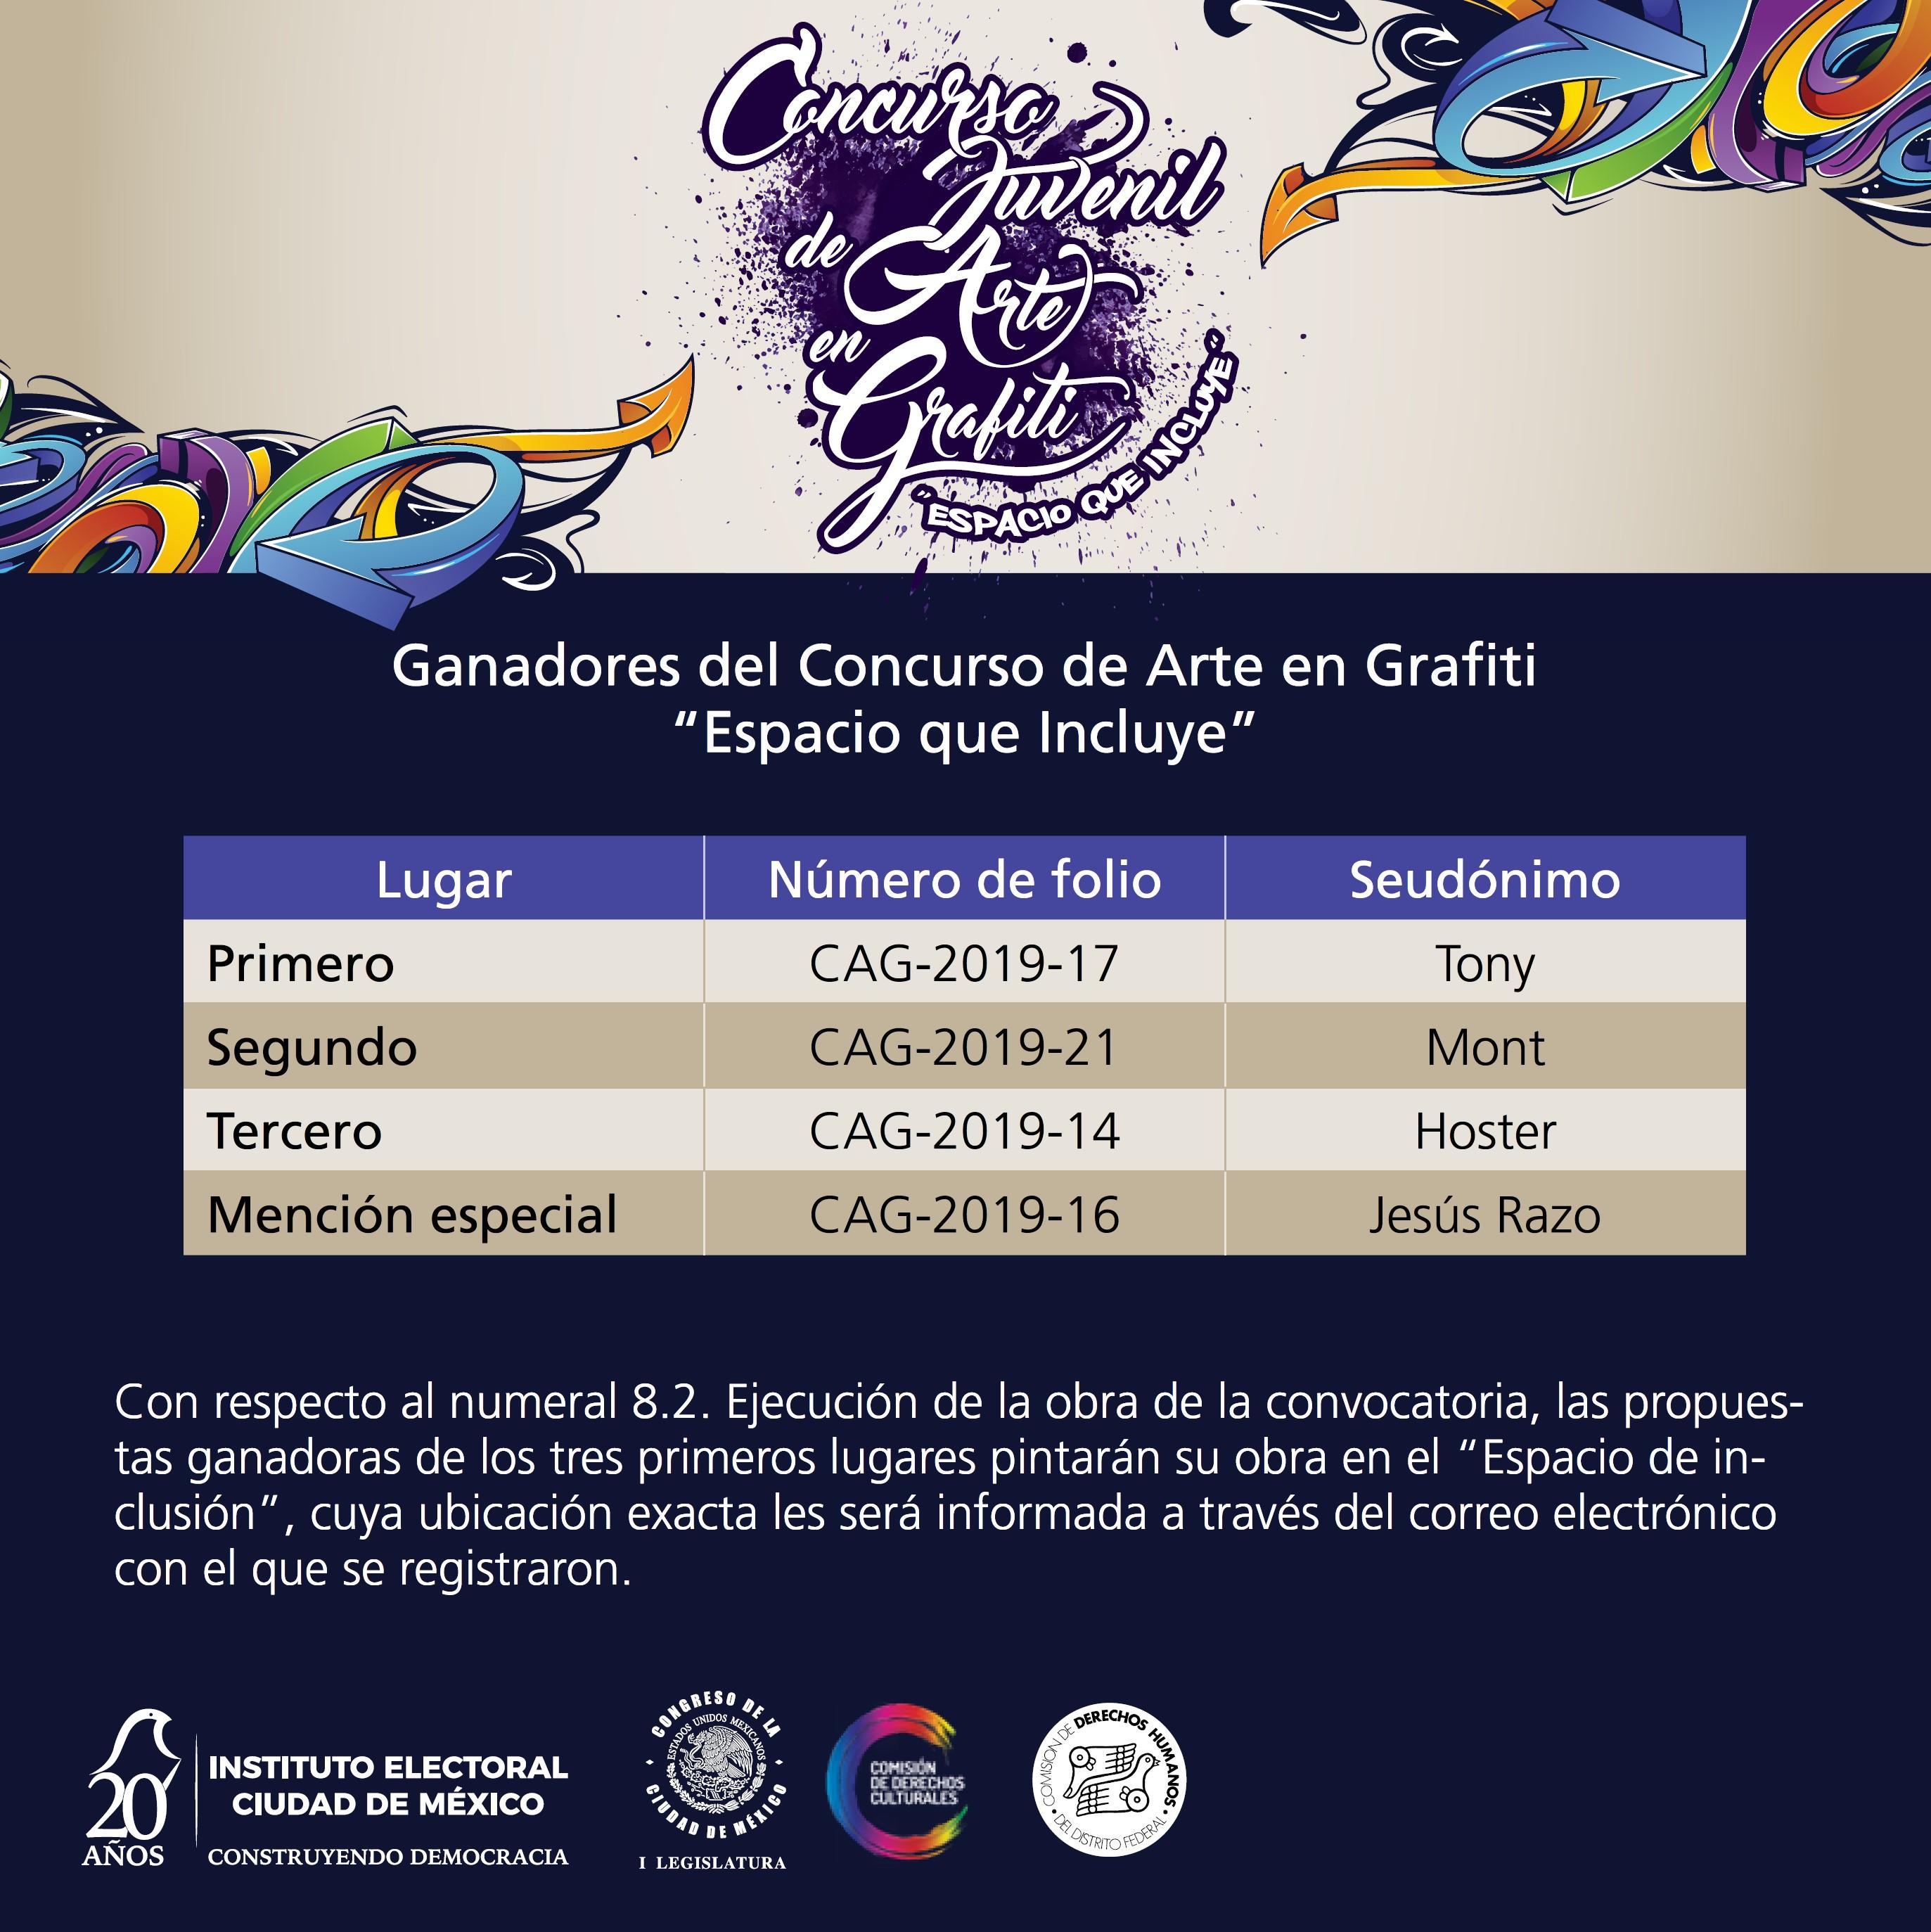 Promueve el IECM la participación ciudadana mediante el Concurso Juvenil de Arte en Grafiti